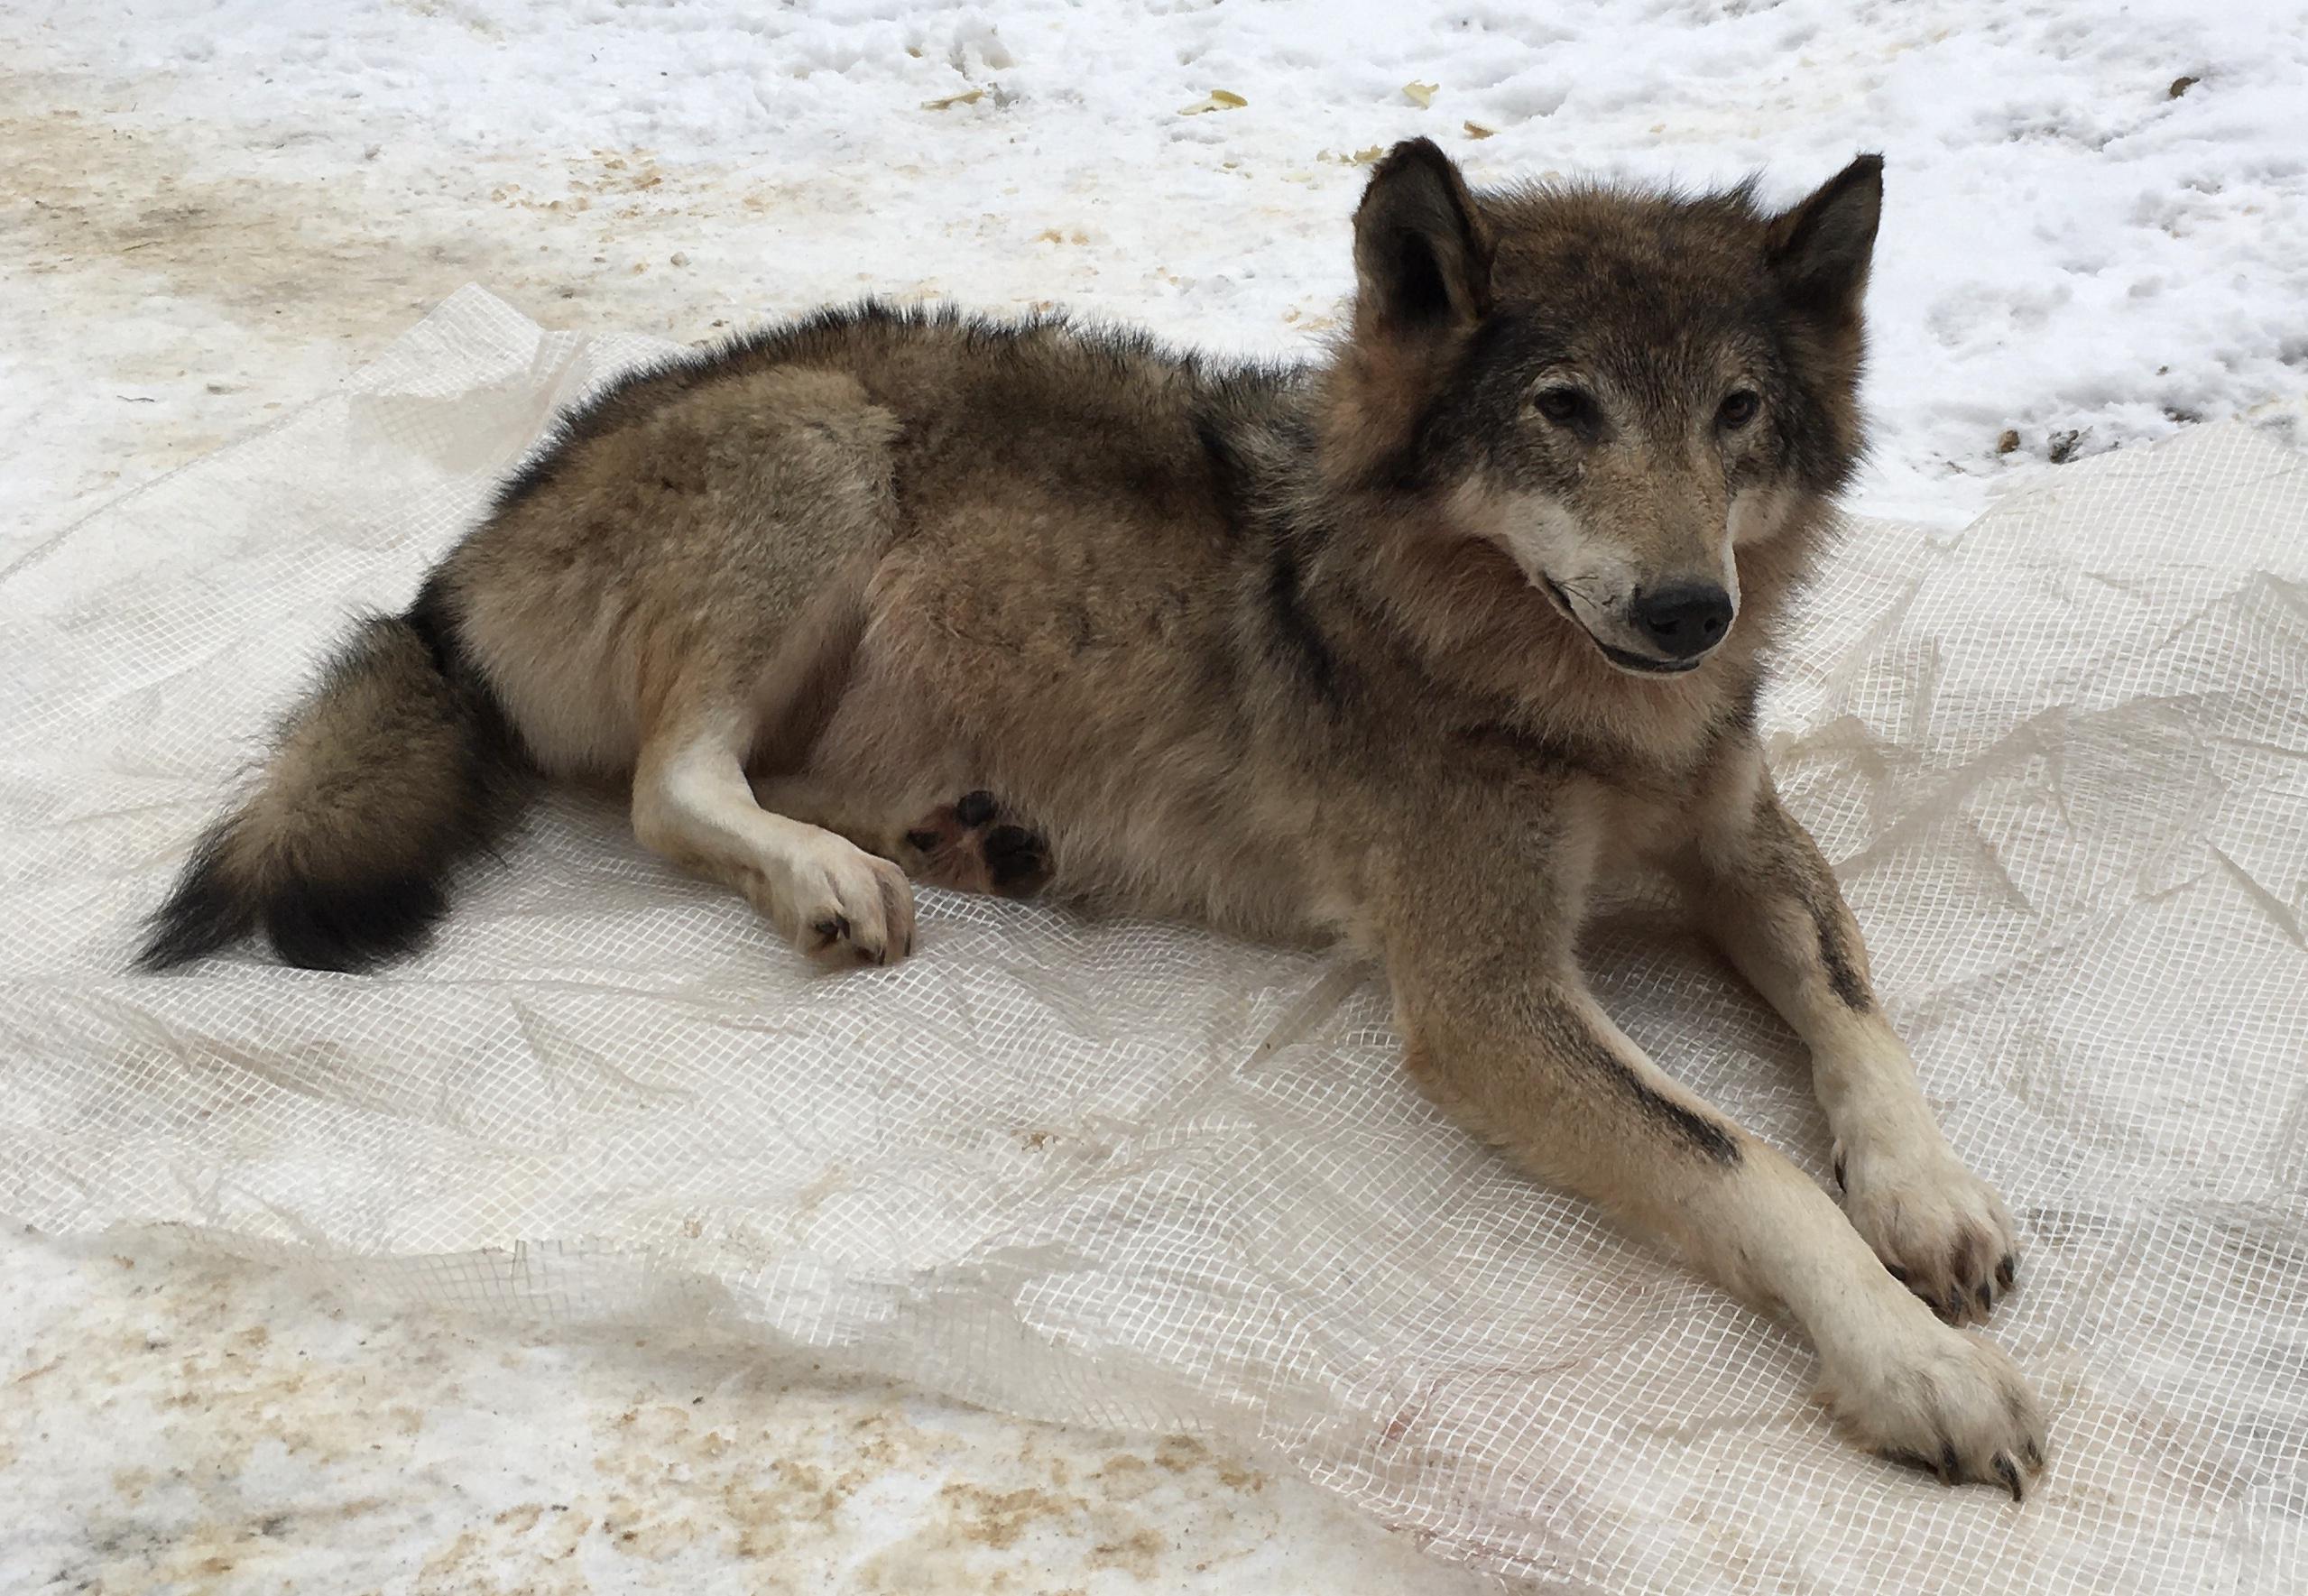 купить чучело волка,изготовить чучело волка